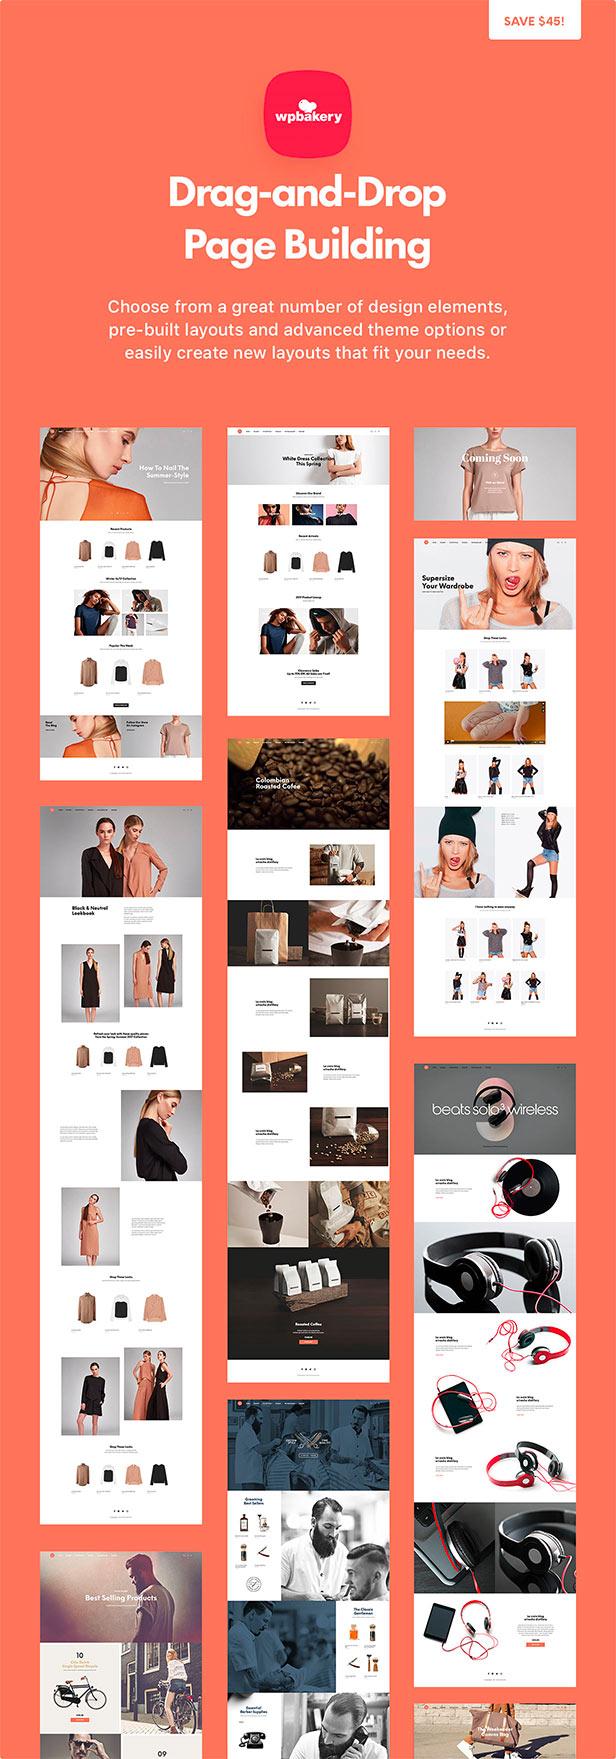 Shopkeeper - eCommerce WordPress Theme for WooCommerce - 33